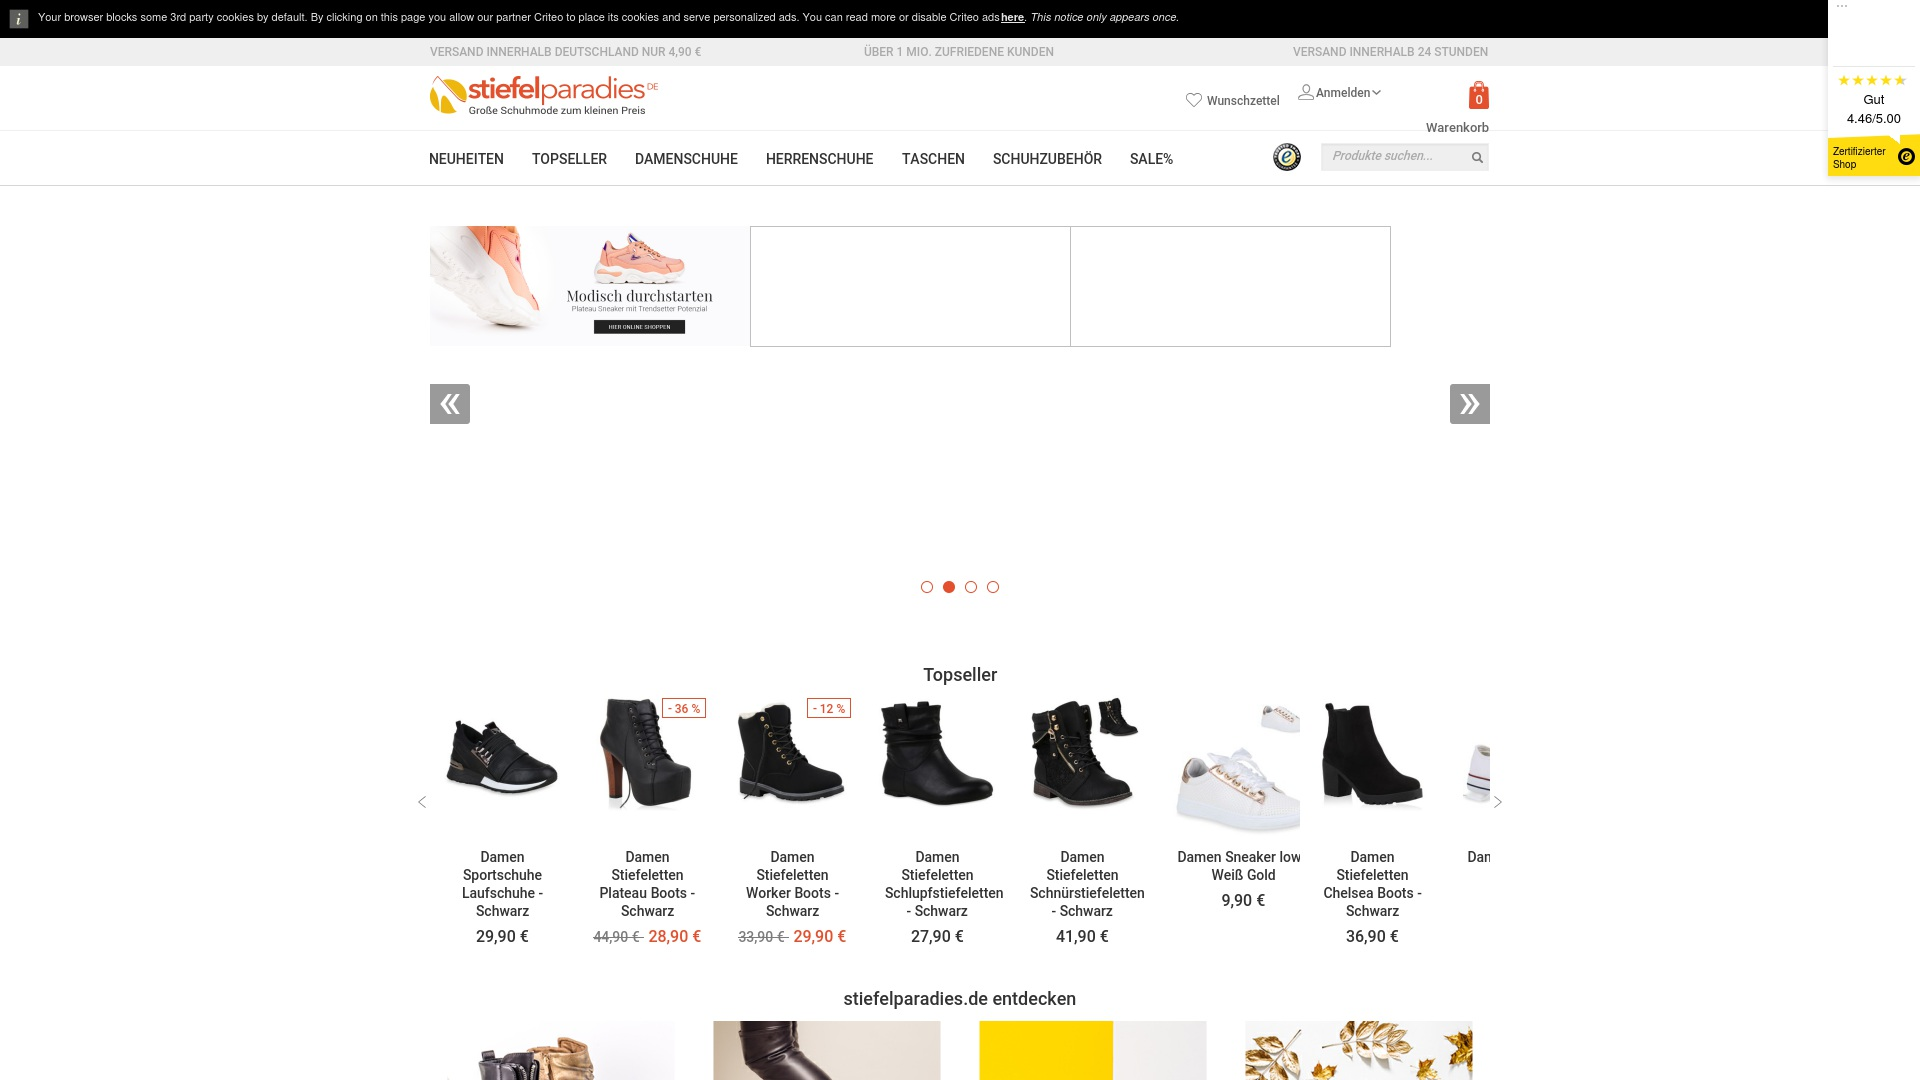 Gutschein für Stiefelparadies: Rabatte für  Stiefelparadies sichern